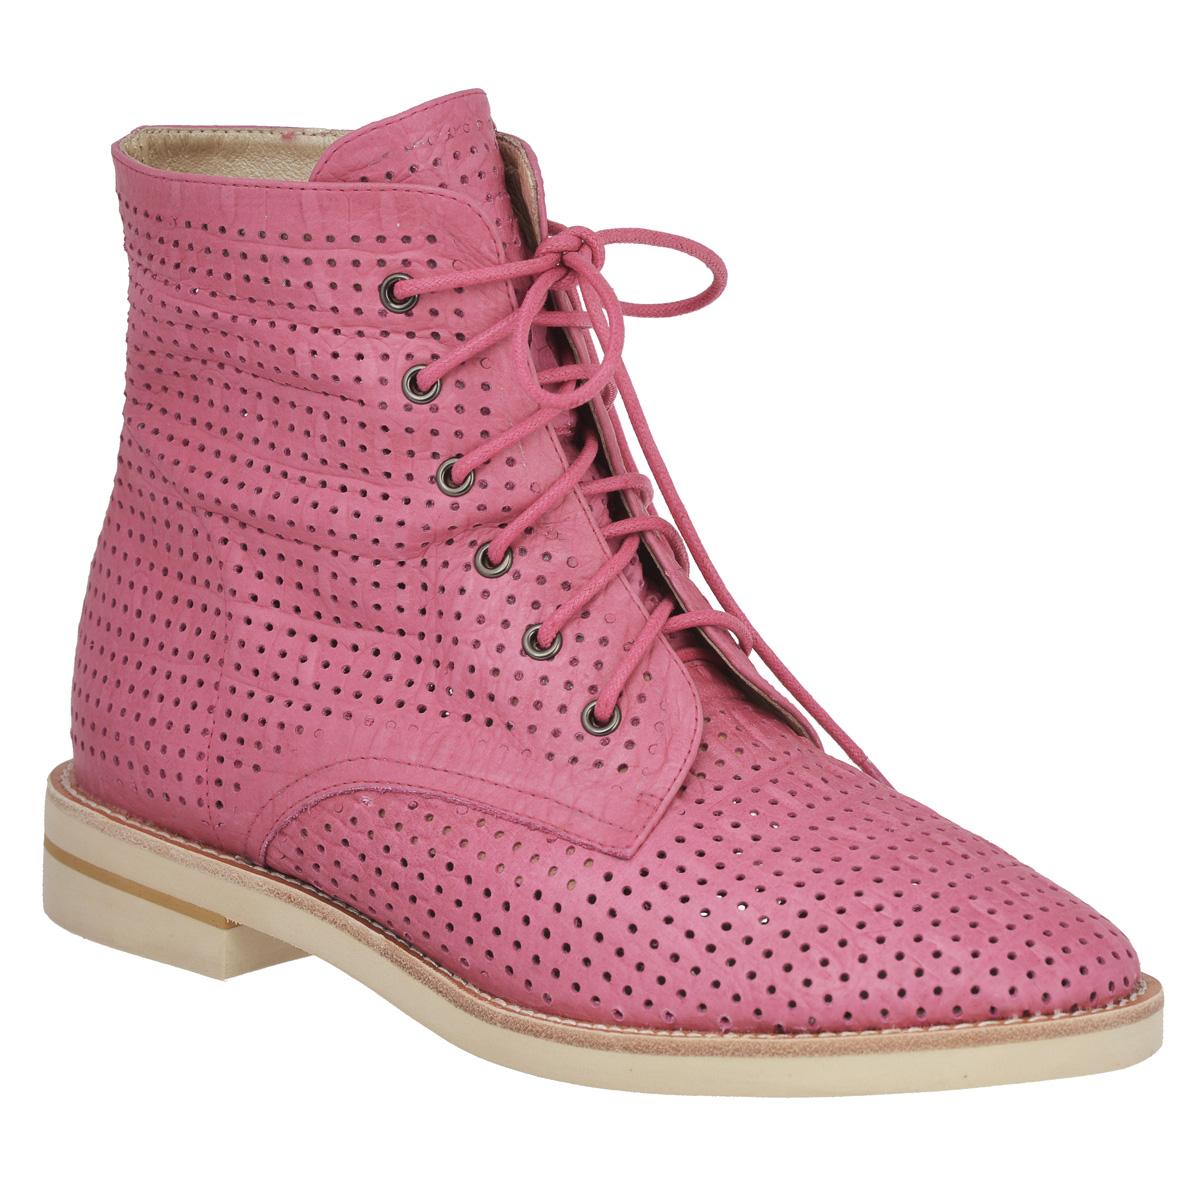 Ботинки женские. 424342434Ультрамодные женские ботинки Vitacci покорят вас с первого взгляда. Модель изготовлена из высококачественной натуральной кожи и оформлена перфорацией для лучшей воздухопроницаемости, крупной прострочкой по ранту. Ботинки застегиваются при помощи застежки-молнии, расположенной сбоку. Прочная шнуровка надежно фиксирует модель на ноге. Подкладка выполнена из натуральной кожи и спилока. Стелька из натуральной кожи обеспечивает комфорт при ходьбе. Верх каблука и подошвы - из полиуретана, низ - из вспененного полимера EVA. Яркие ботинки добавят изюминки в ваш модный образ.